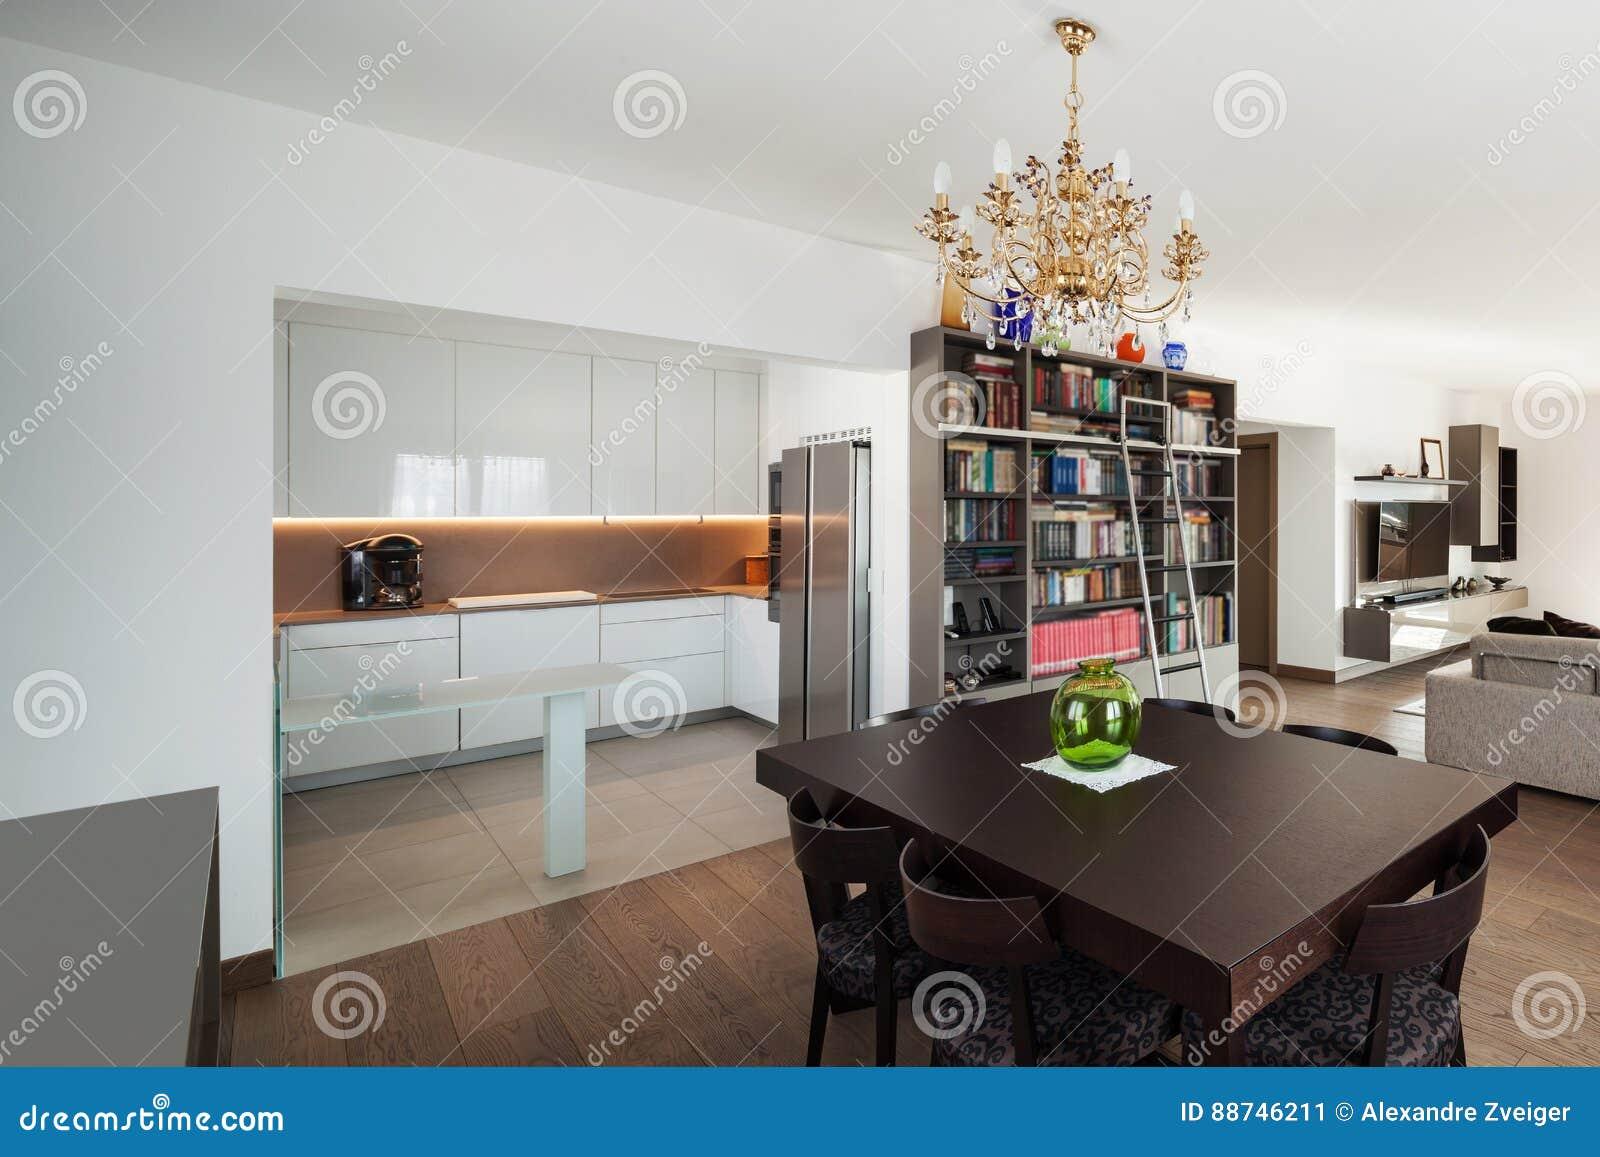 Salon Comedor Grande.Salon Grande Con La Mesa De Comedor Interior Imagen De